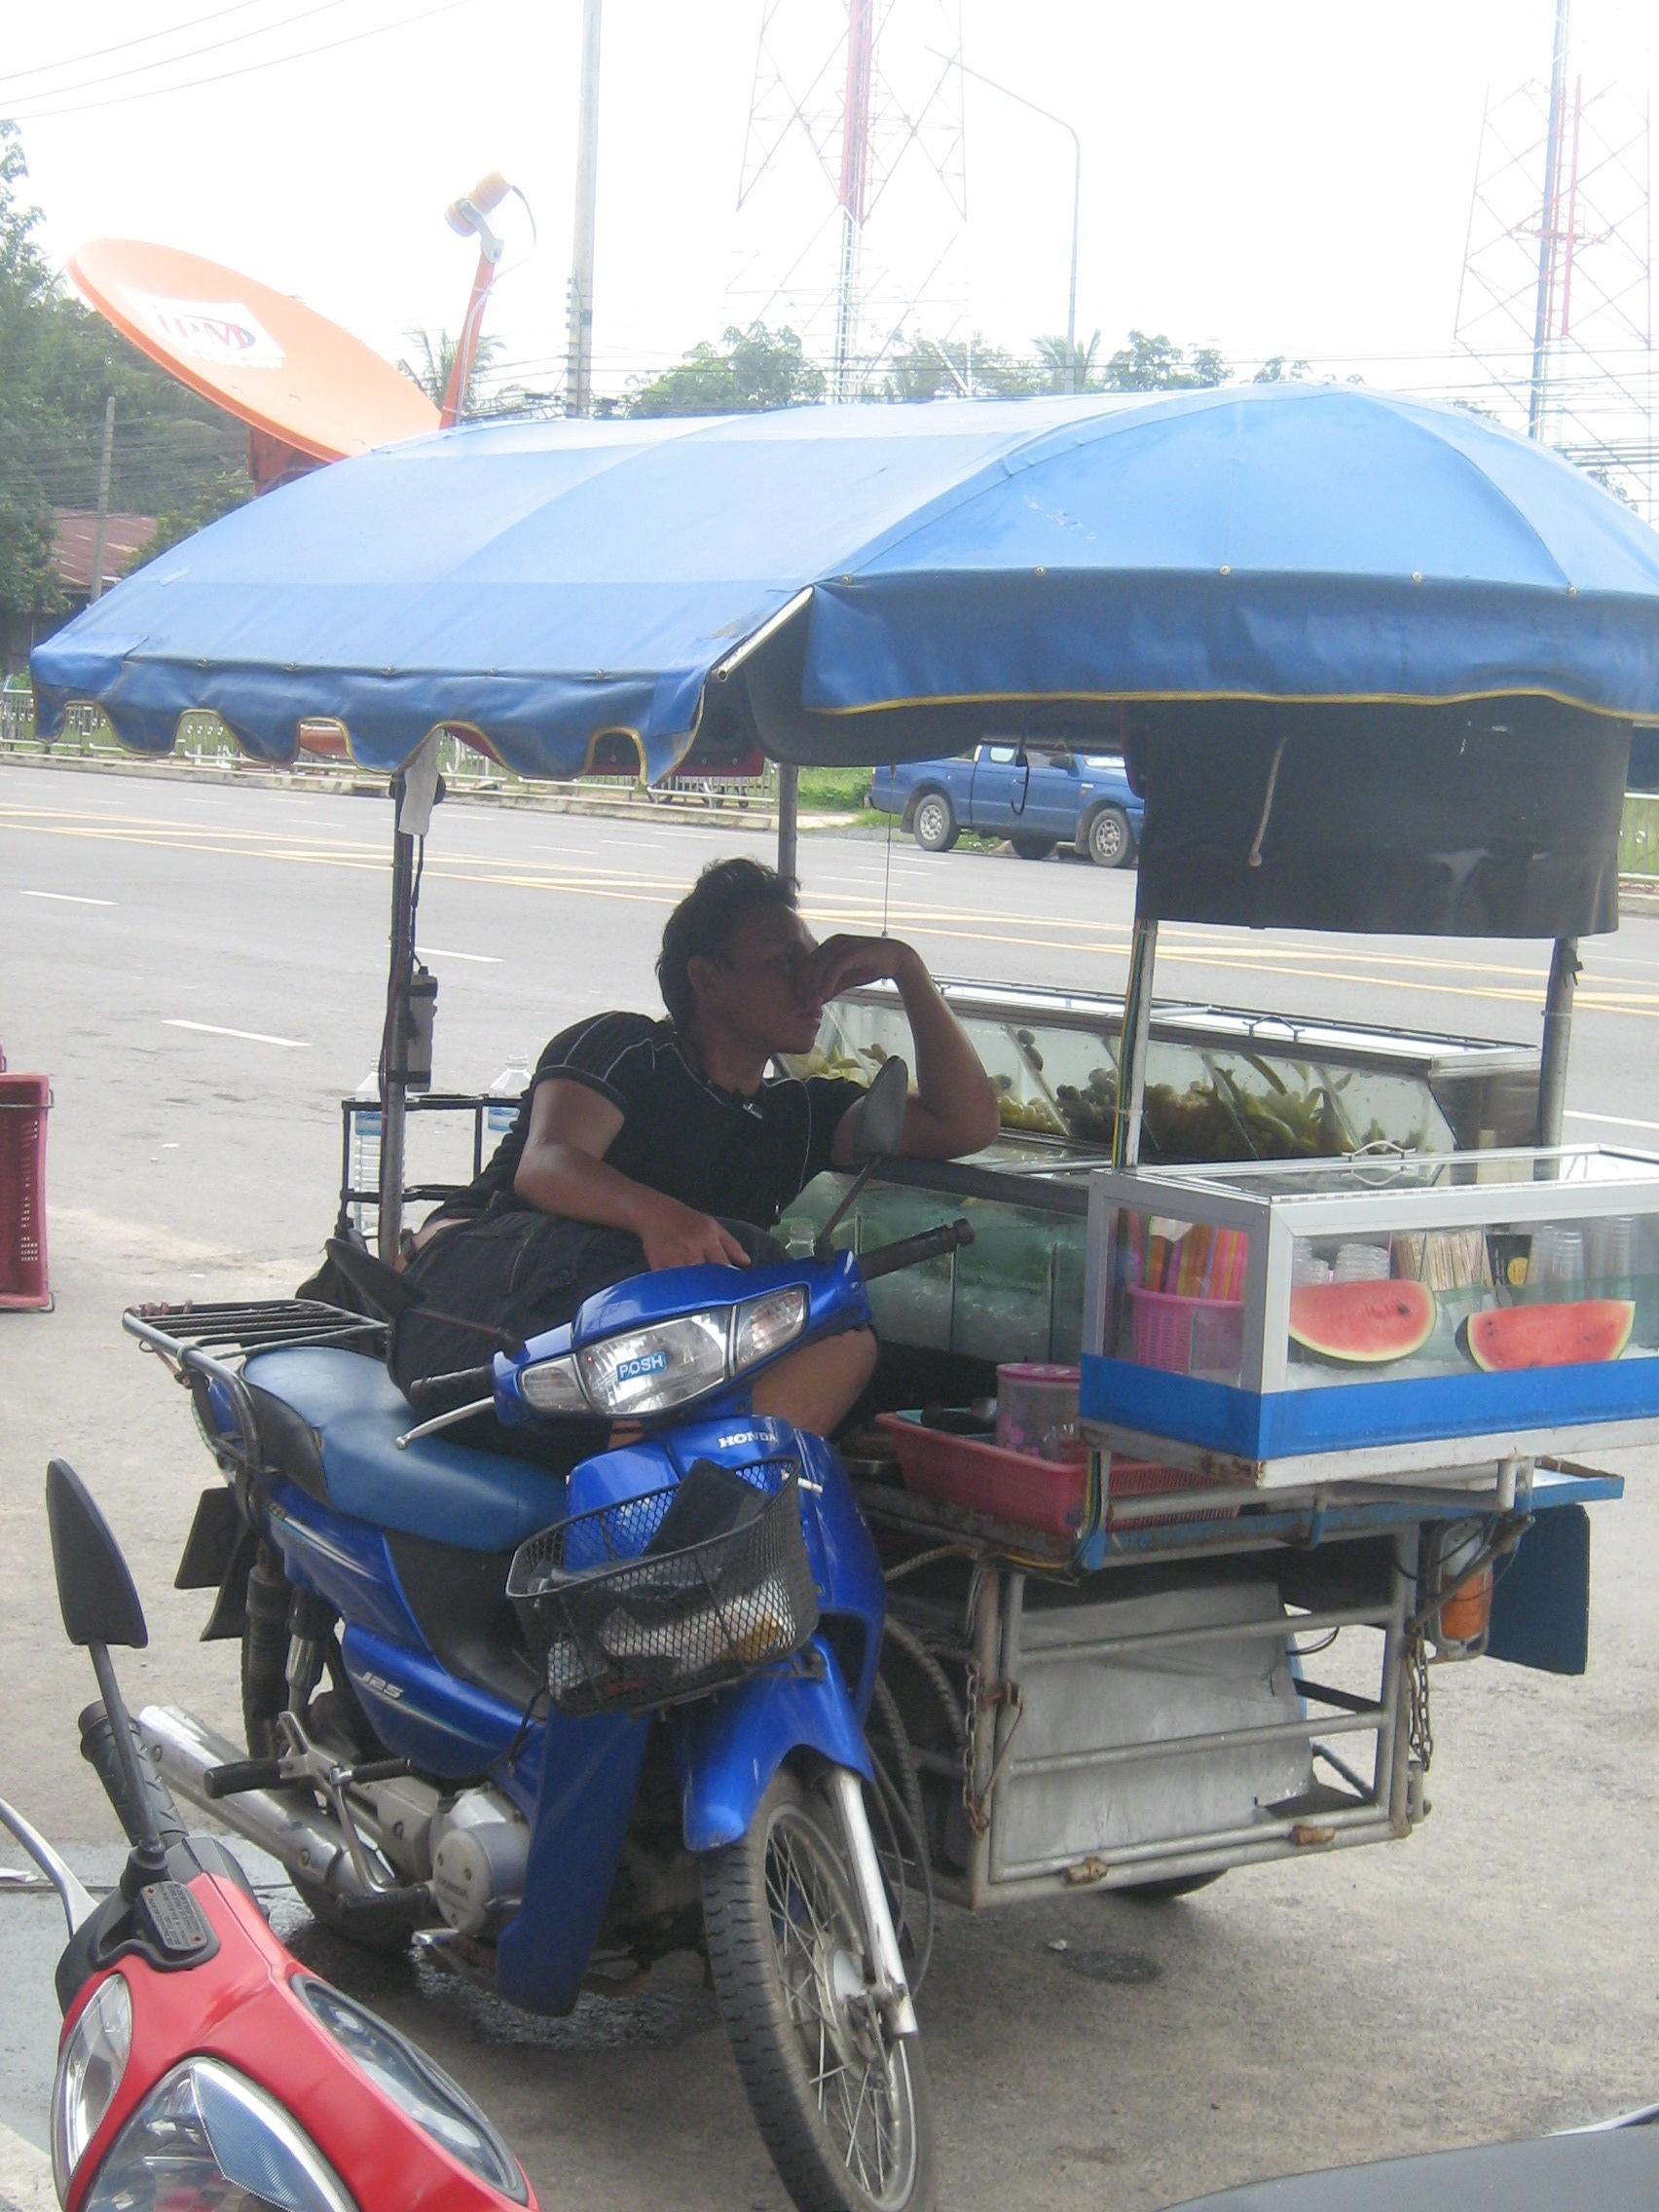 Thai Motorbike Vendor